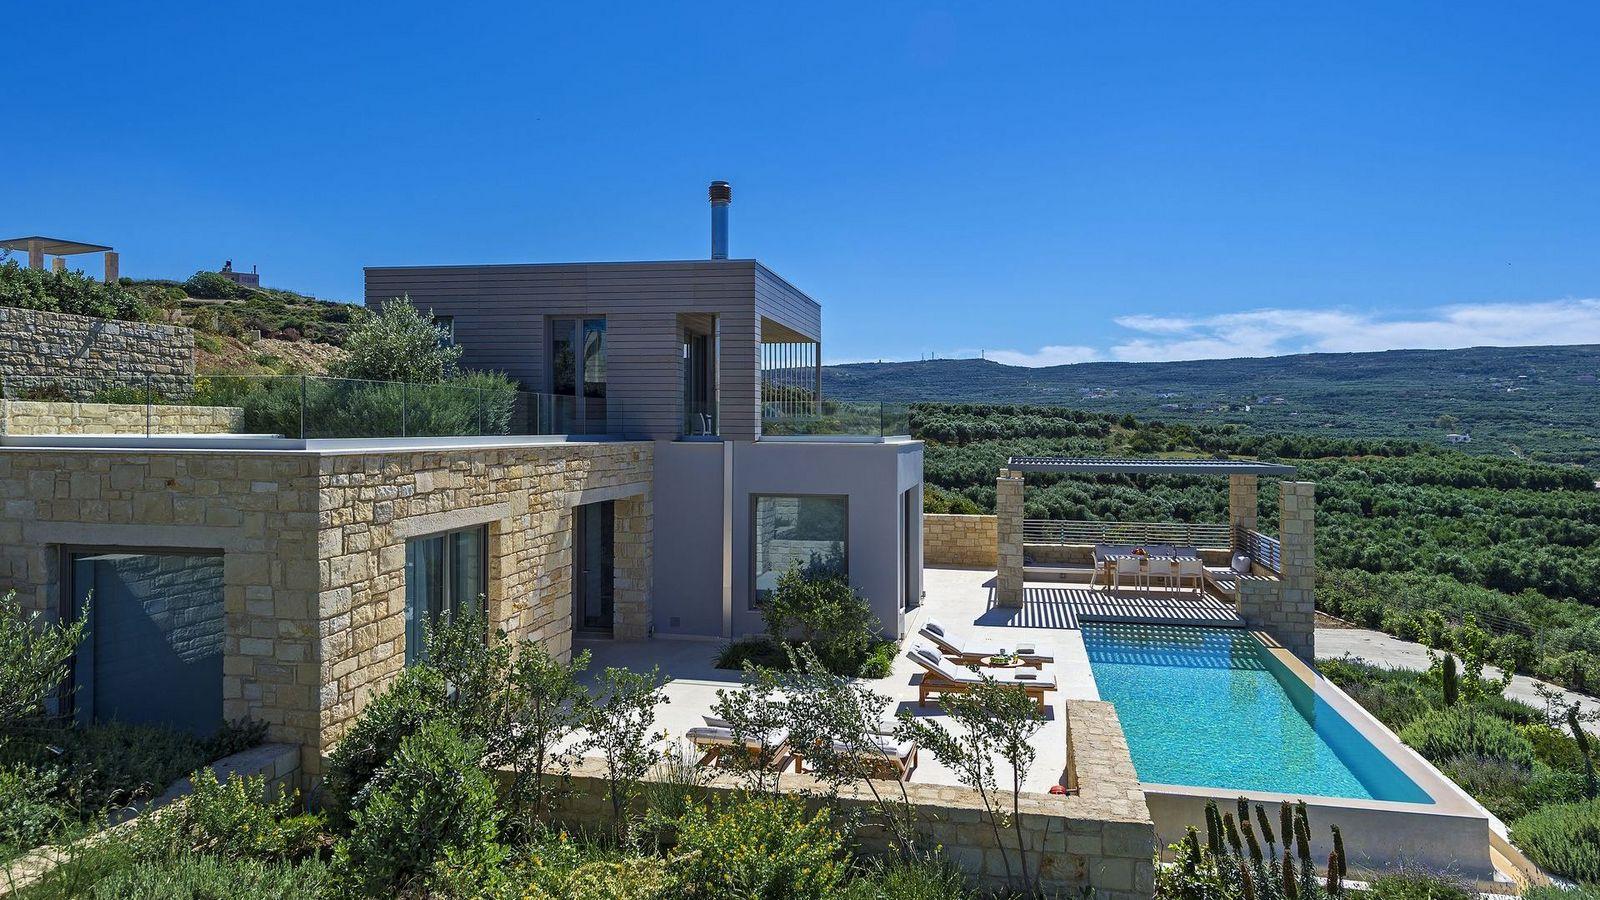 Крит вилла отдых самая дешевая недвижимость в мире 2019